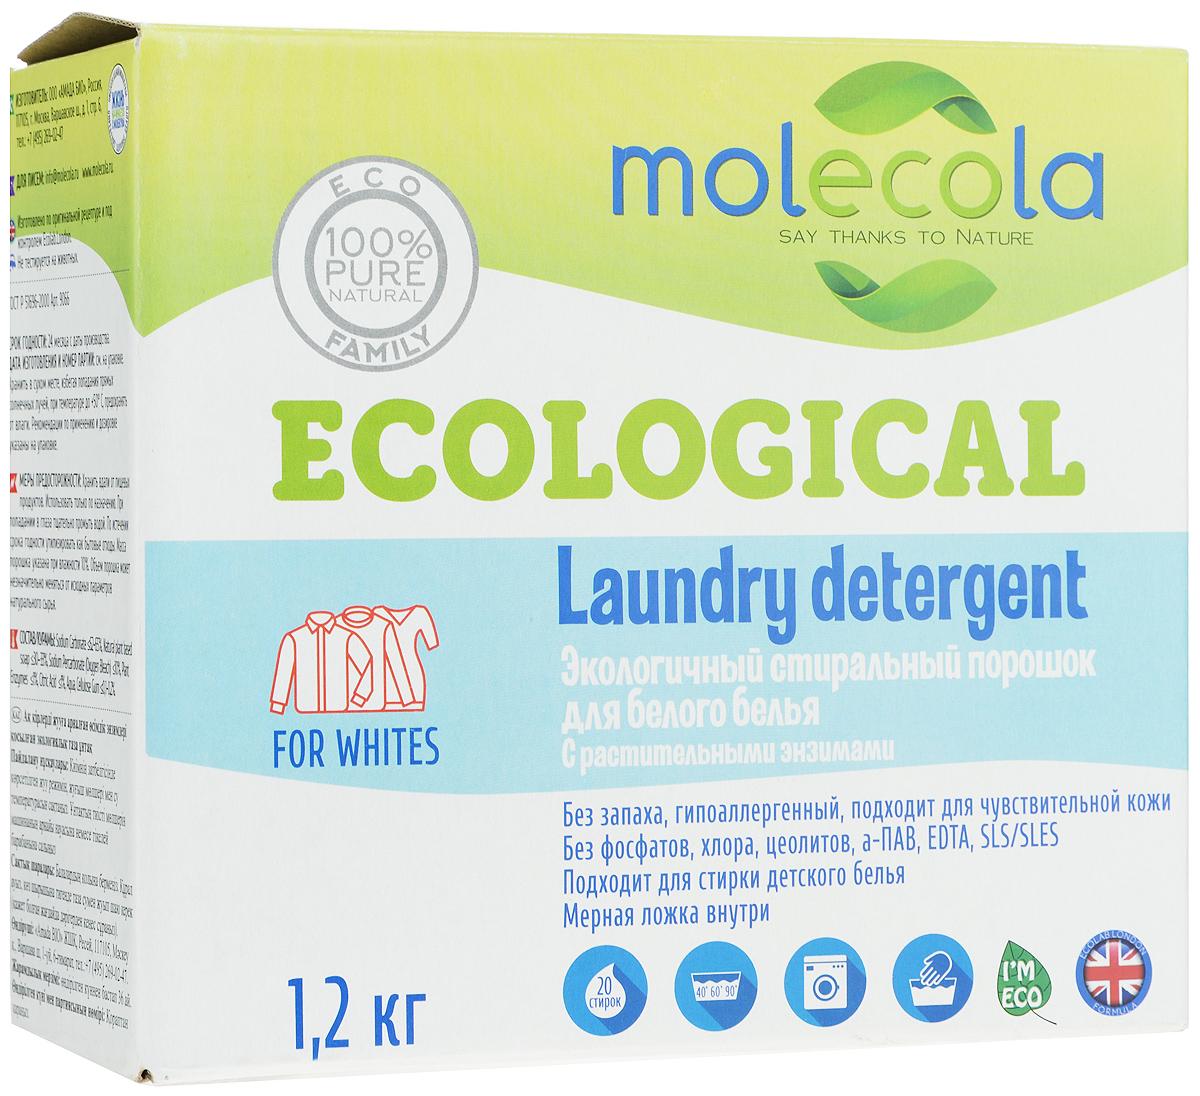 Стиральный порошок Molecola, для белого белья, с растительными энзимами, 1,2 кг9066Экологичный стиральный порошок Molecola эффективно удаляет загрязнения, не повреждая волокна ткани. Высокая концентрация натурального мыла обеспечивает эффективную стирку и экономию средства. Порошок рекомендован для стирки детского белья и одежды беременных и кормящих женщин, а так же людей, имеющих аллергическую реакцию на средства бытовой химии. Средство защищает от накипи, не наносит вреда окружающей среде, полностью биоразлагаемо. Не содержит оптического отбеливателя, фосфатов, хлора, цеолитов, а-ПАВ, EDTA, SLS/SLES, искусственных красителей и синтетических ароматизаторов. Подходит для стиральных машин любого типа и ручной стирки. Предназначен для стирки хлопчатобумажных, льняных тканей, изделий из вискозы и искусственных волокон. Рекомендуемая температура стирки не менее +40°С. Внутри коробки находится мерная ложка. Состав: Sodium Carbonate =<62-65%, Natural plant based soap <=30-33%, Sodium Percarbonate (Oxygen Bleach) <=10%, Plant Enzymes <=1%, Citric Acid ...